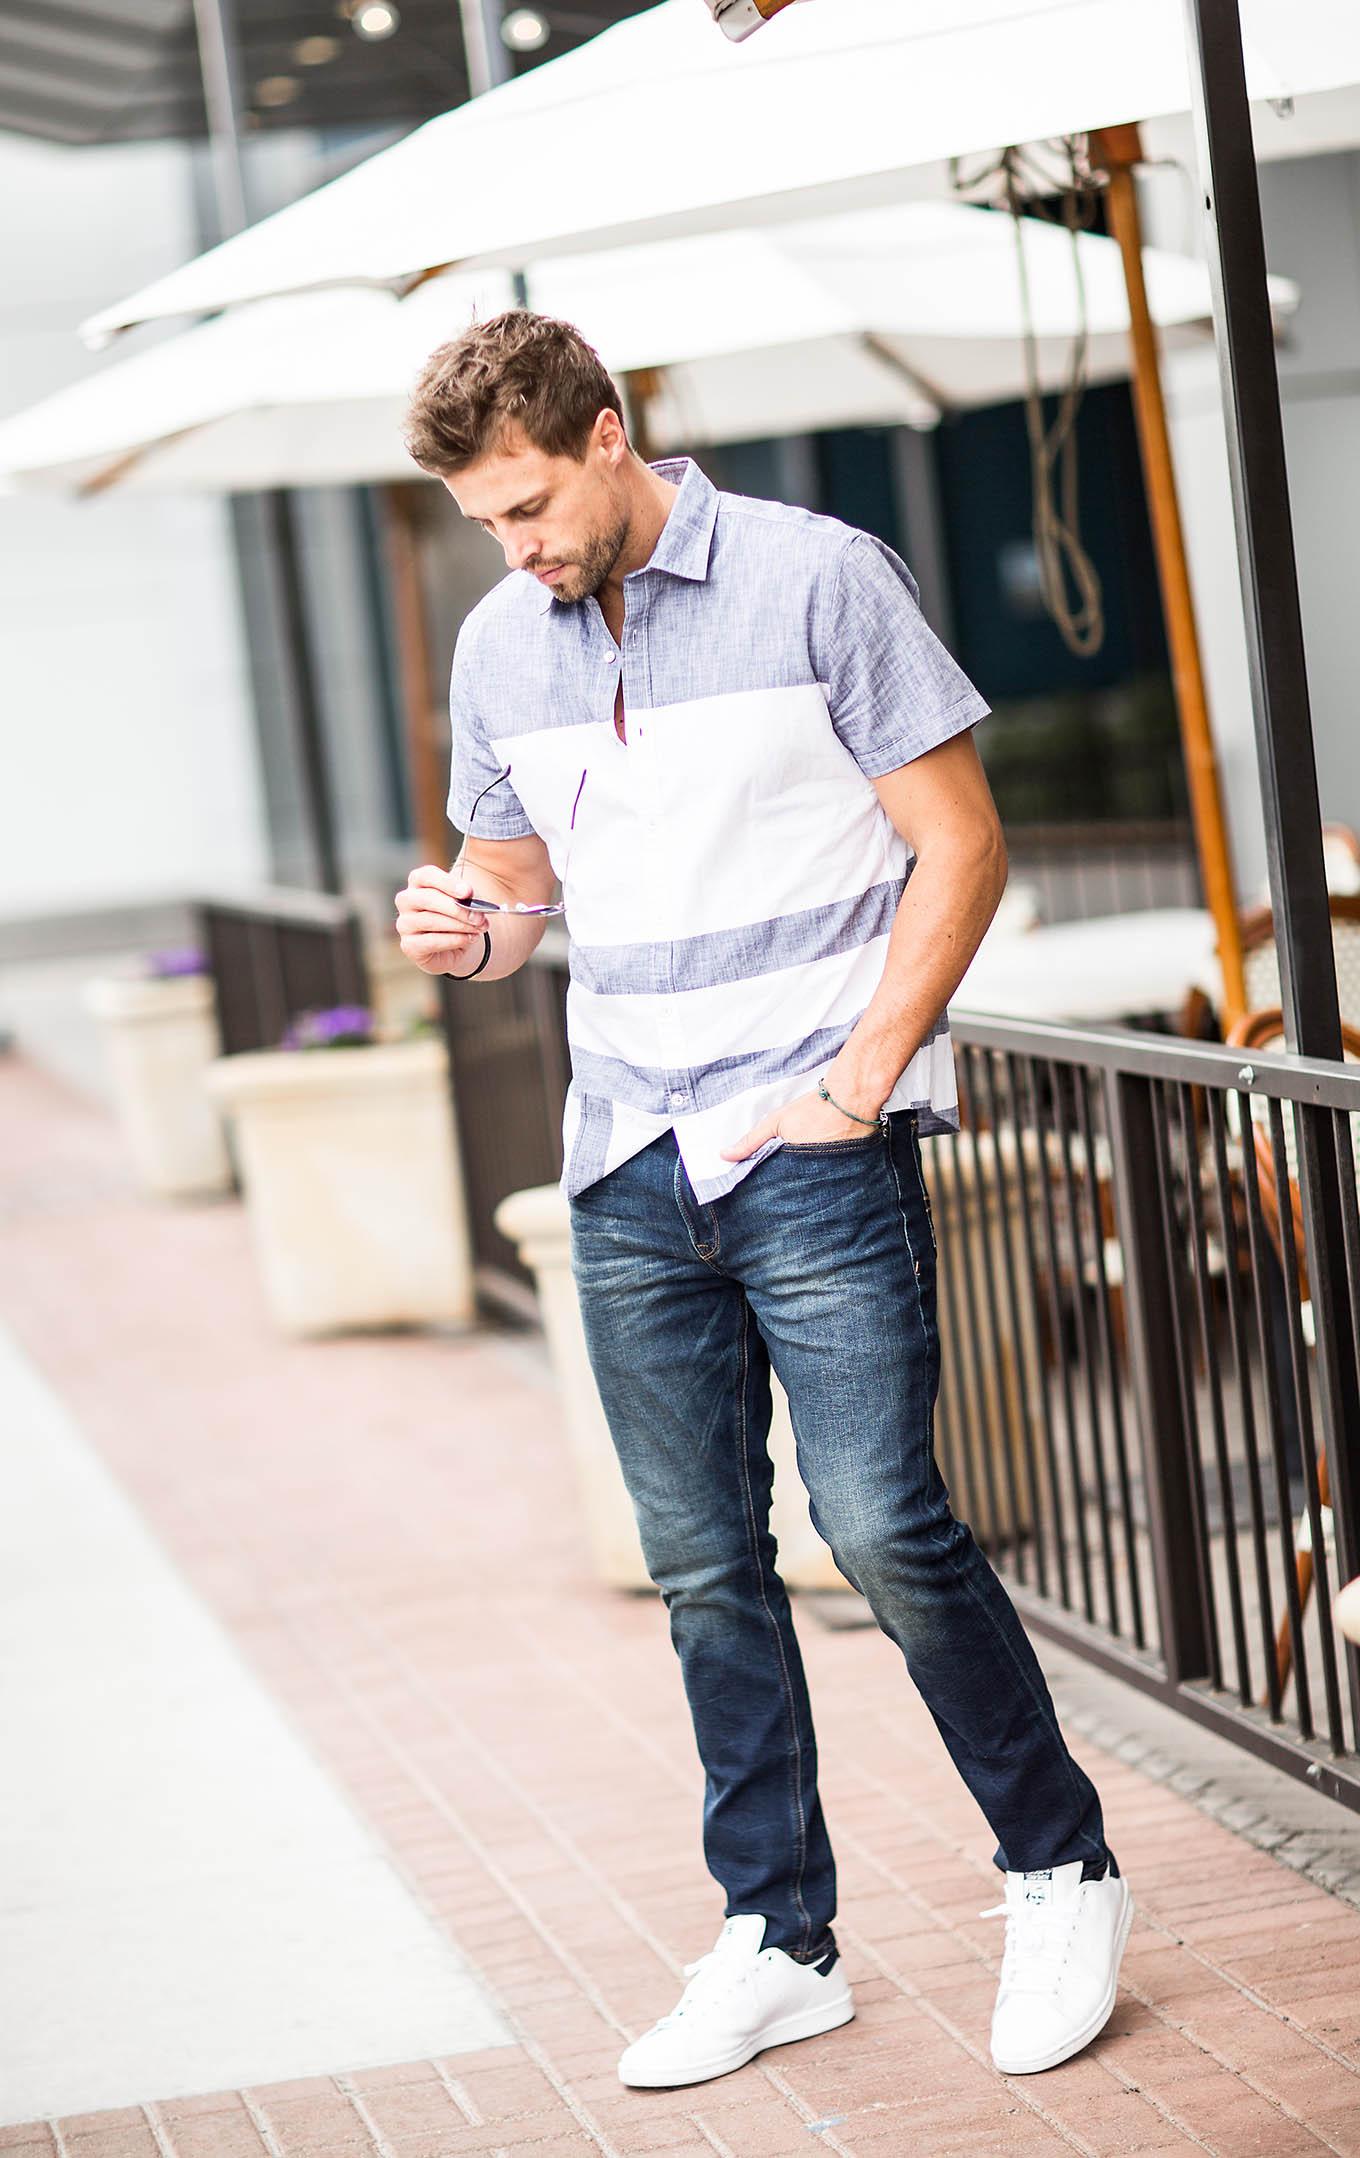 Sơ mi cọc tay không chỉ phong phú về kiểu dáng mà còn cực đa dạng về màu sắc, họa tiết nên các chàng có thể thoải mái lựa chọn nhiều kiểu áo mình yêu thích.